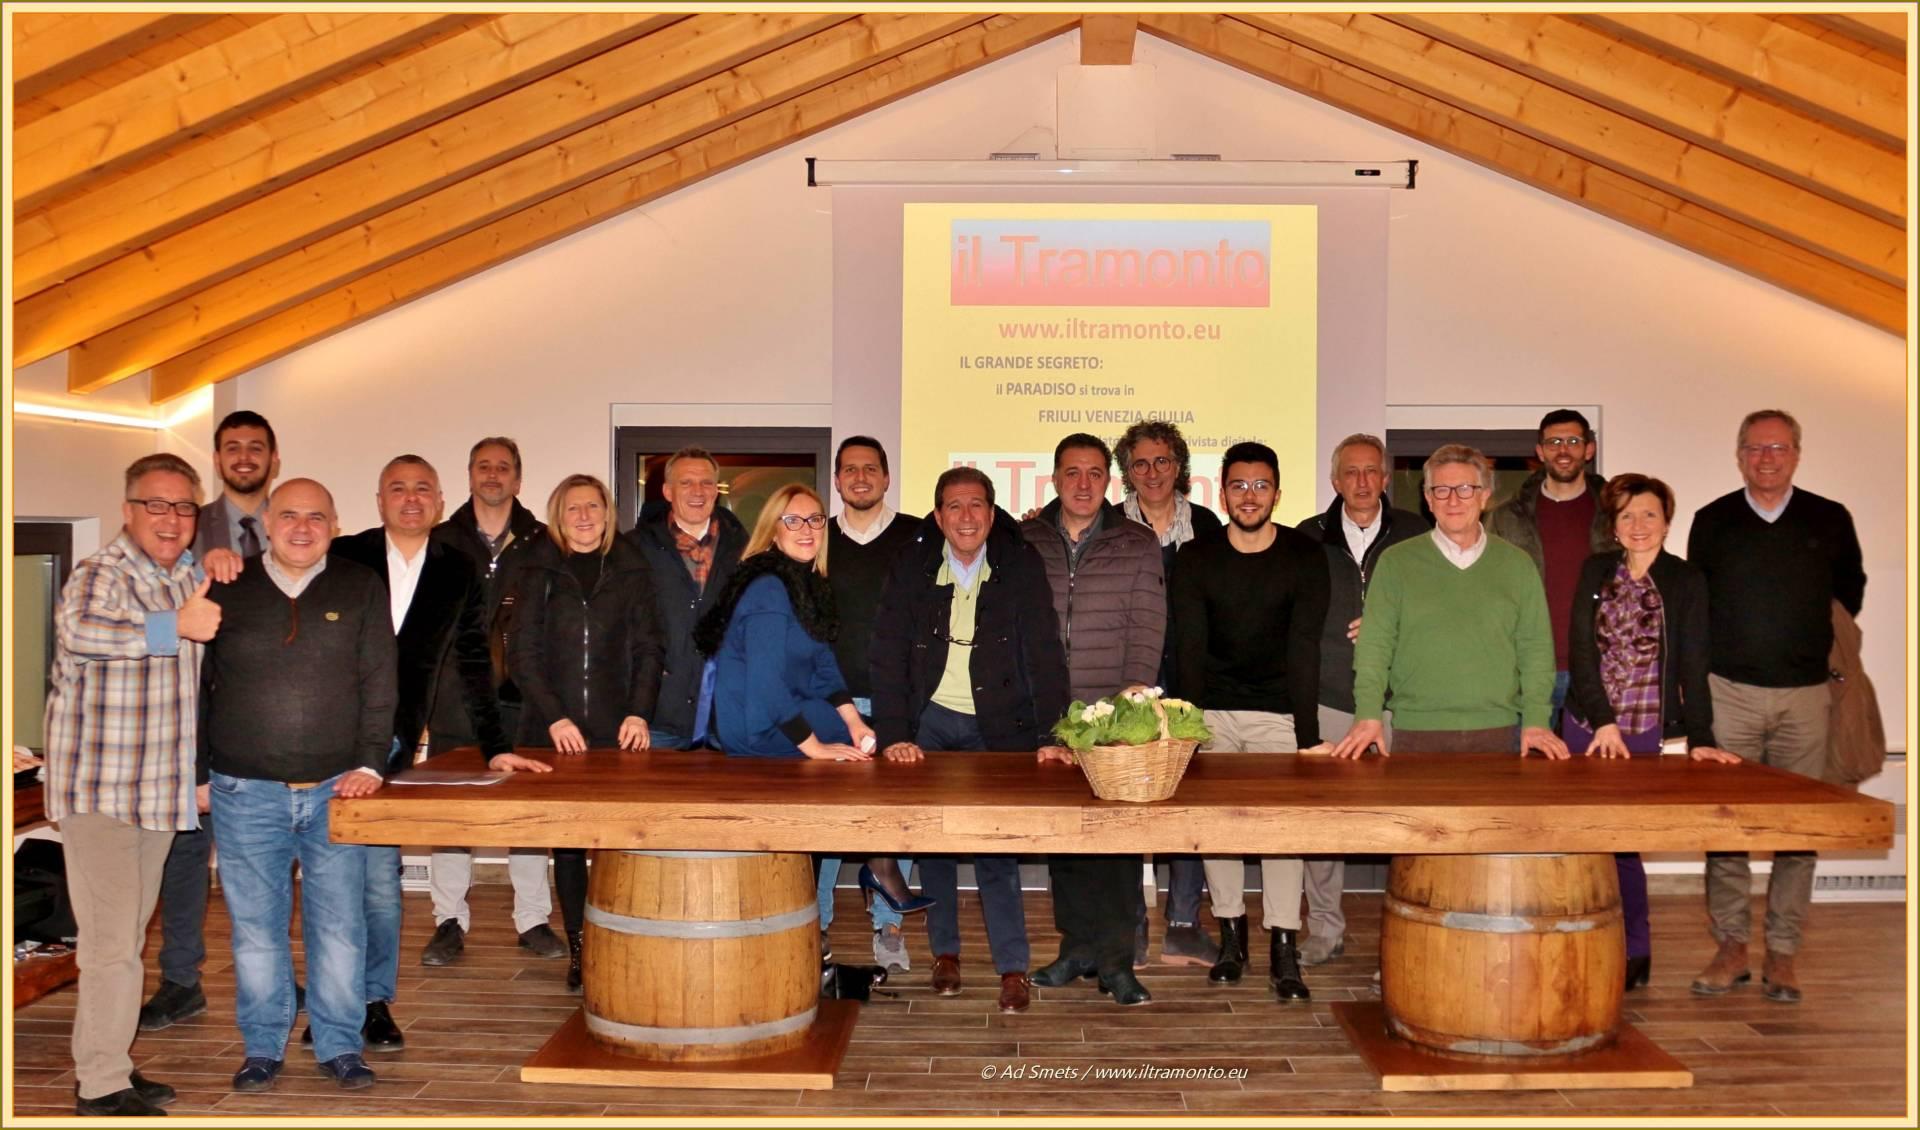 degustazione_7585_il-tramonto-wines